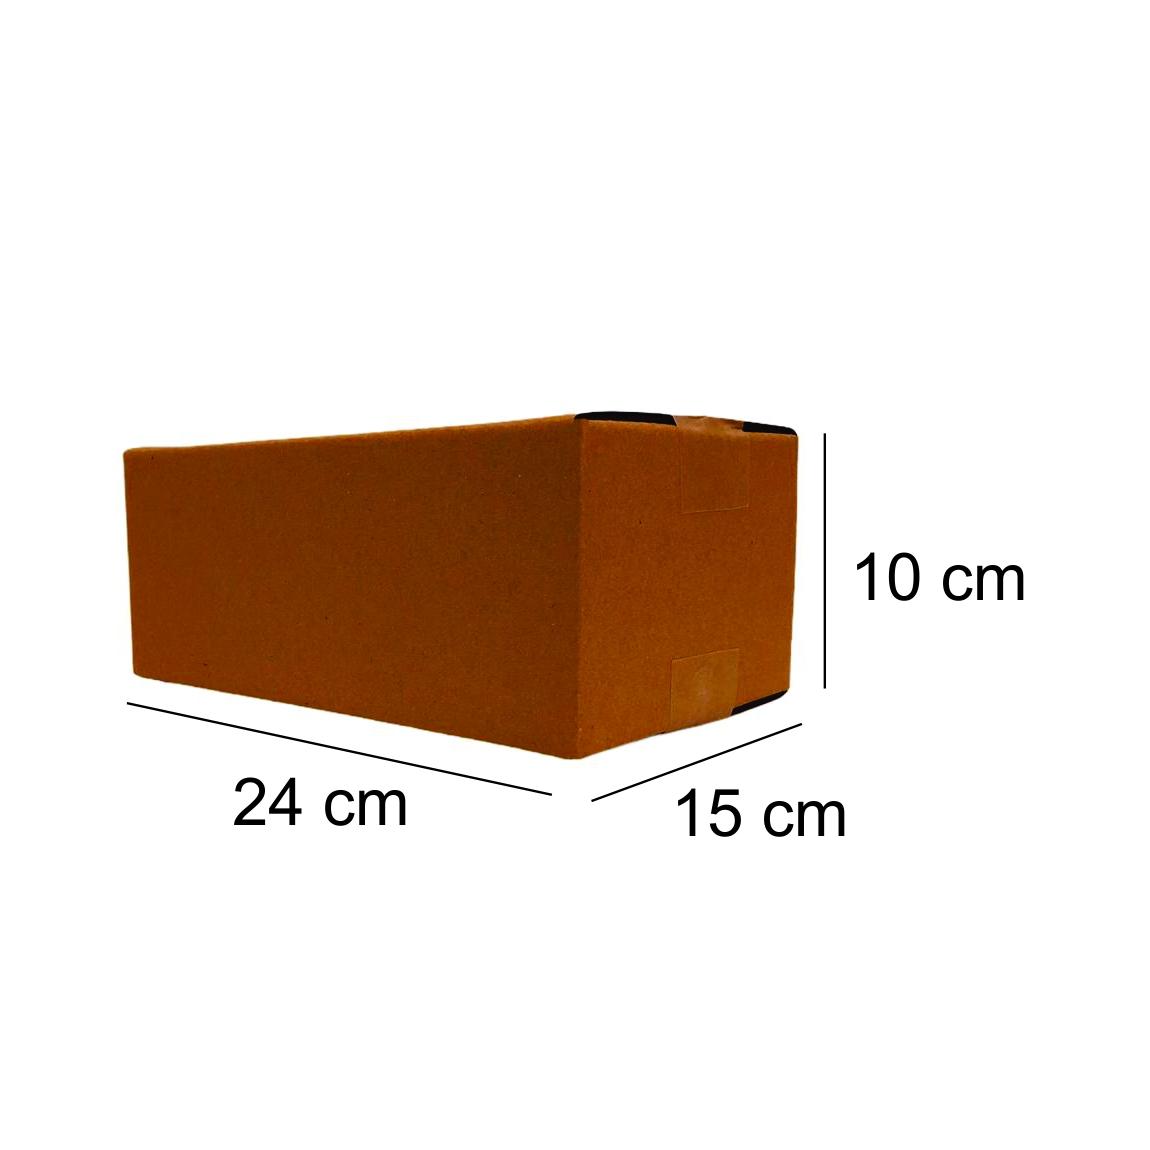 10 Caixas de Papelao (24X15X10)cm - Sedex / Pac / Correios